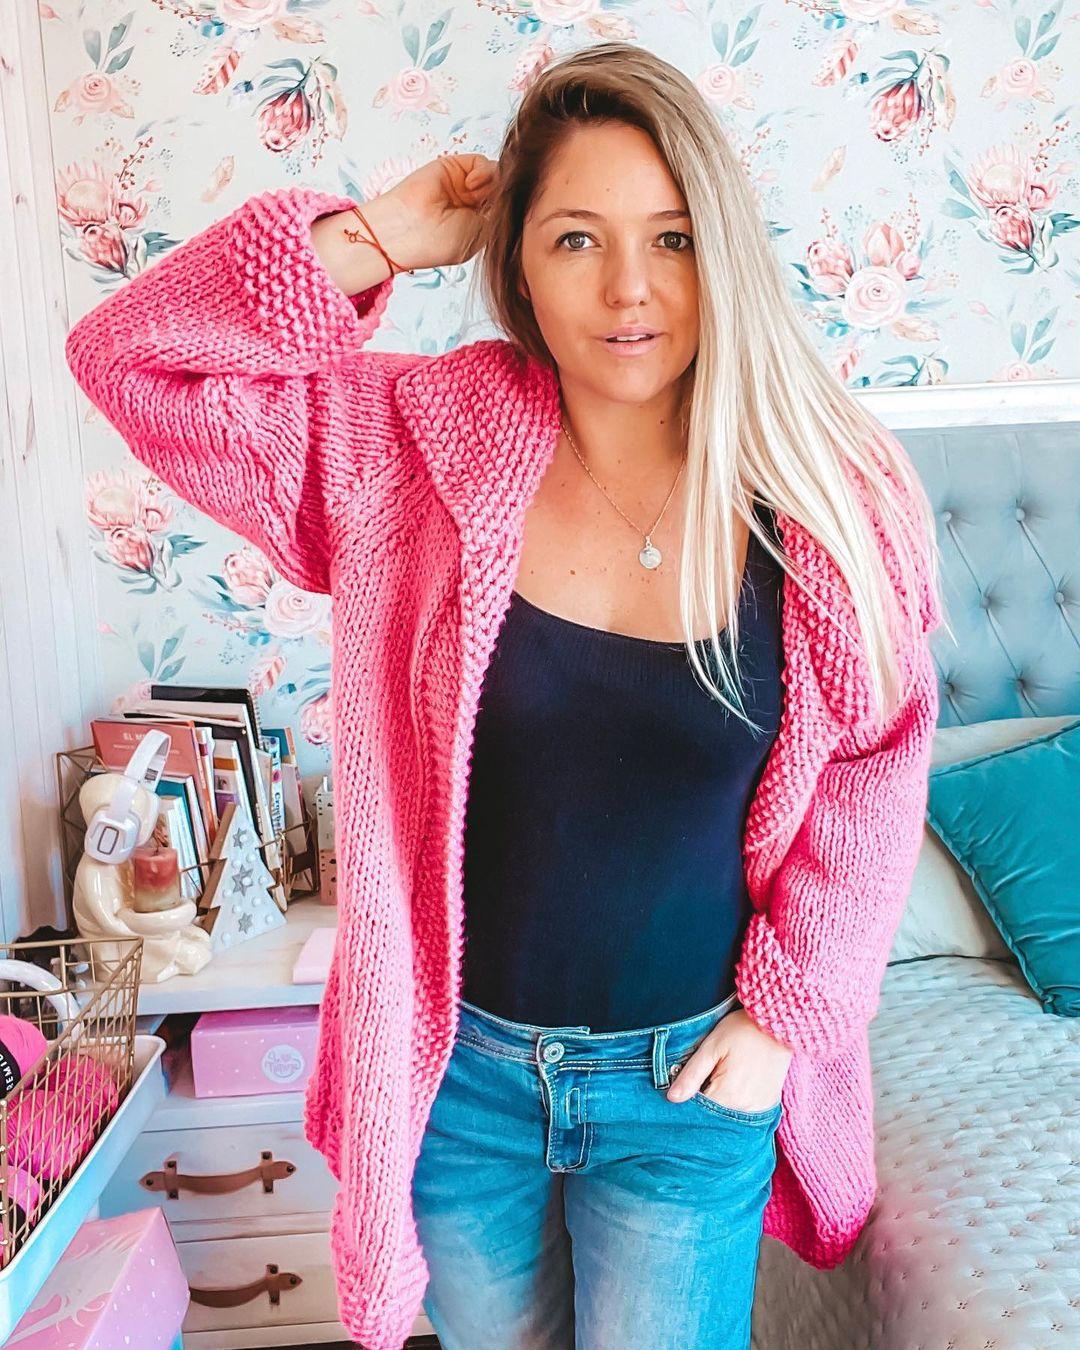 La Nonina Tejedora: Creando y vistiendo el tejido